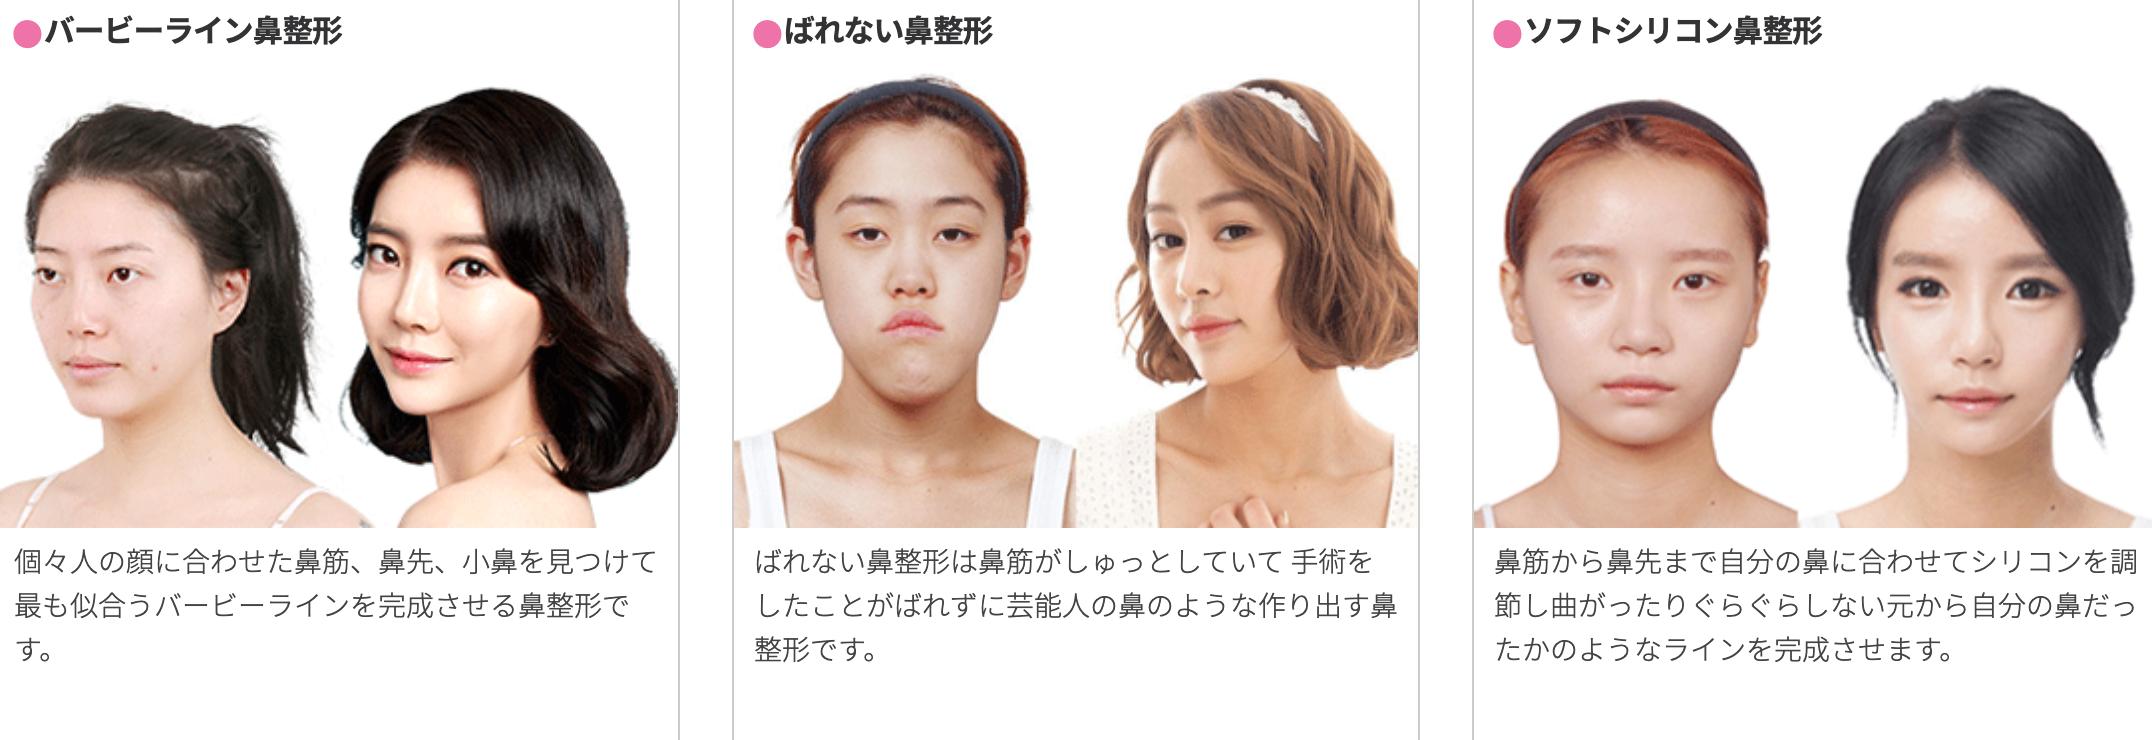 整形 鼻 韓国 ノープラント 無プロテーゼ鼻整形